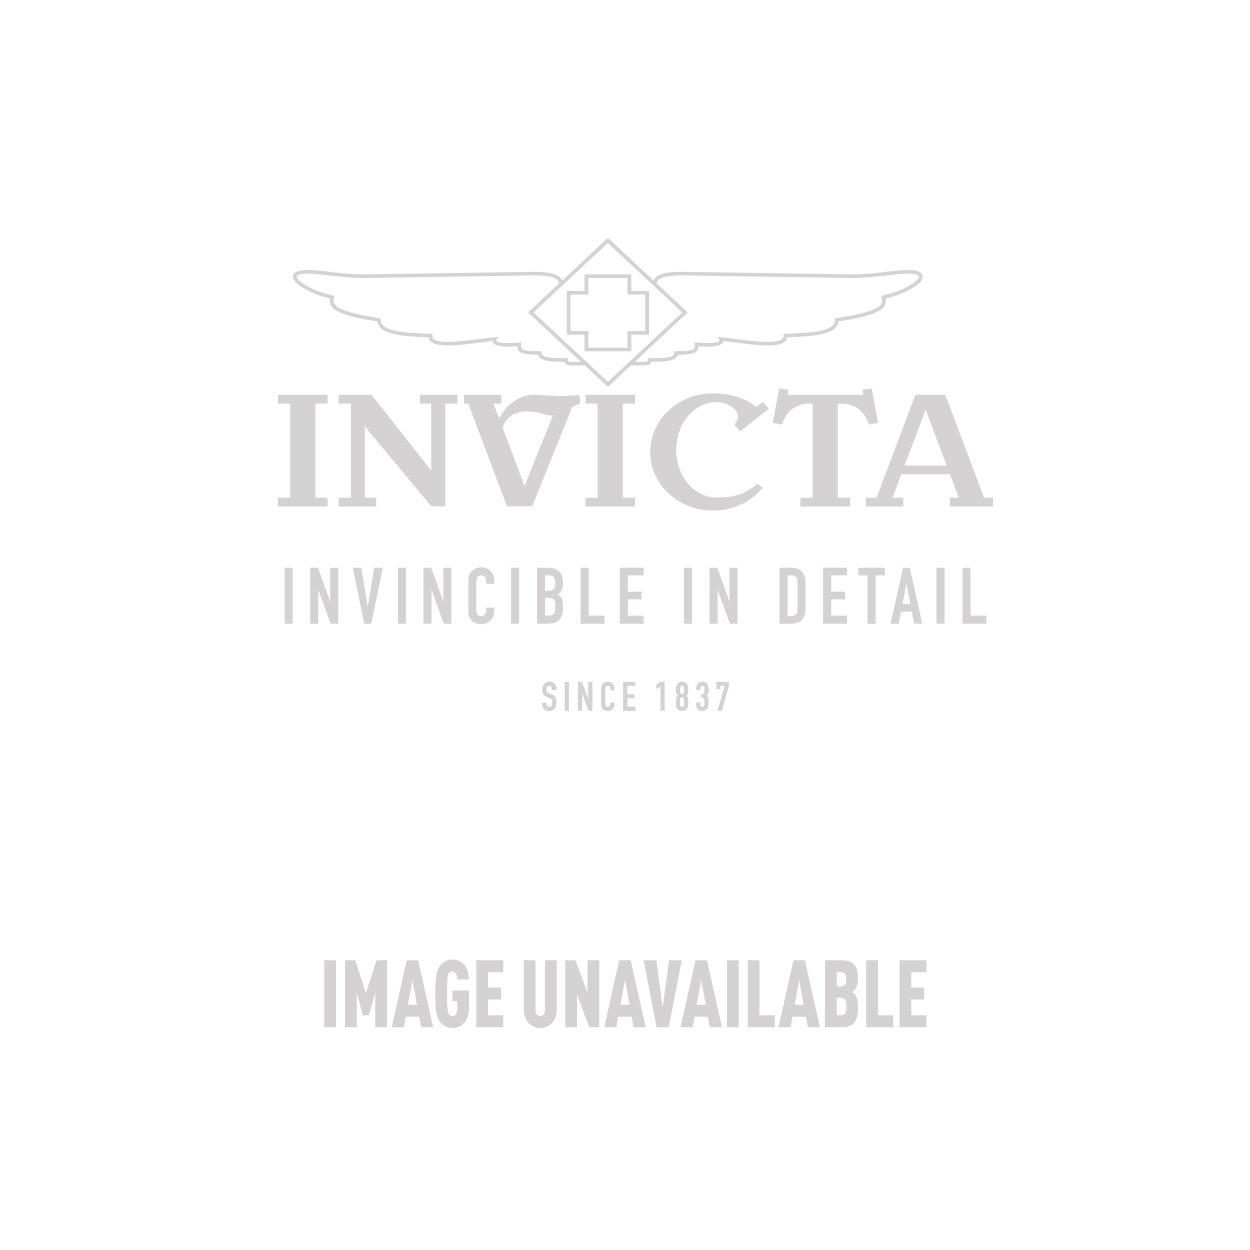 Invicta Model 28618